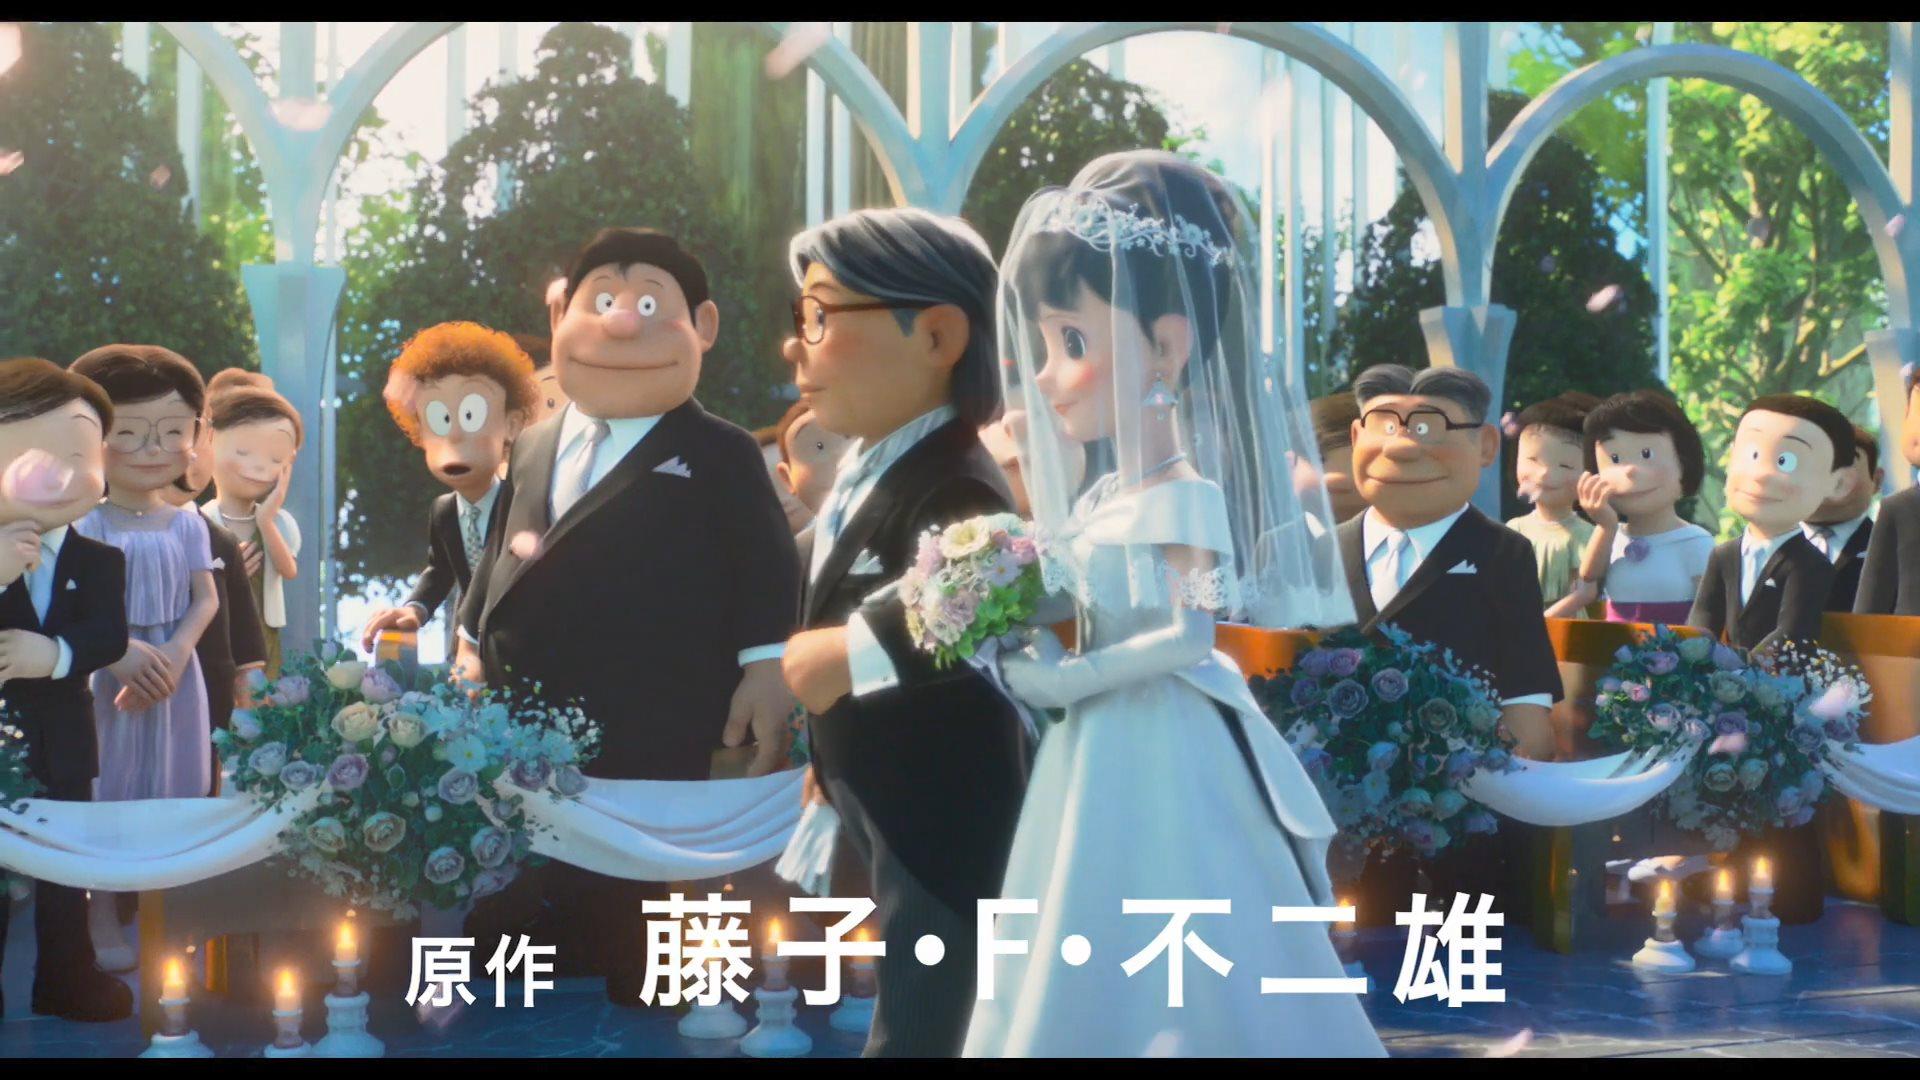 《哆啦A梦:伴我同行2》新预告 大雄穿梭时空寻妻路